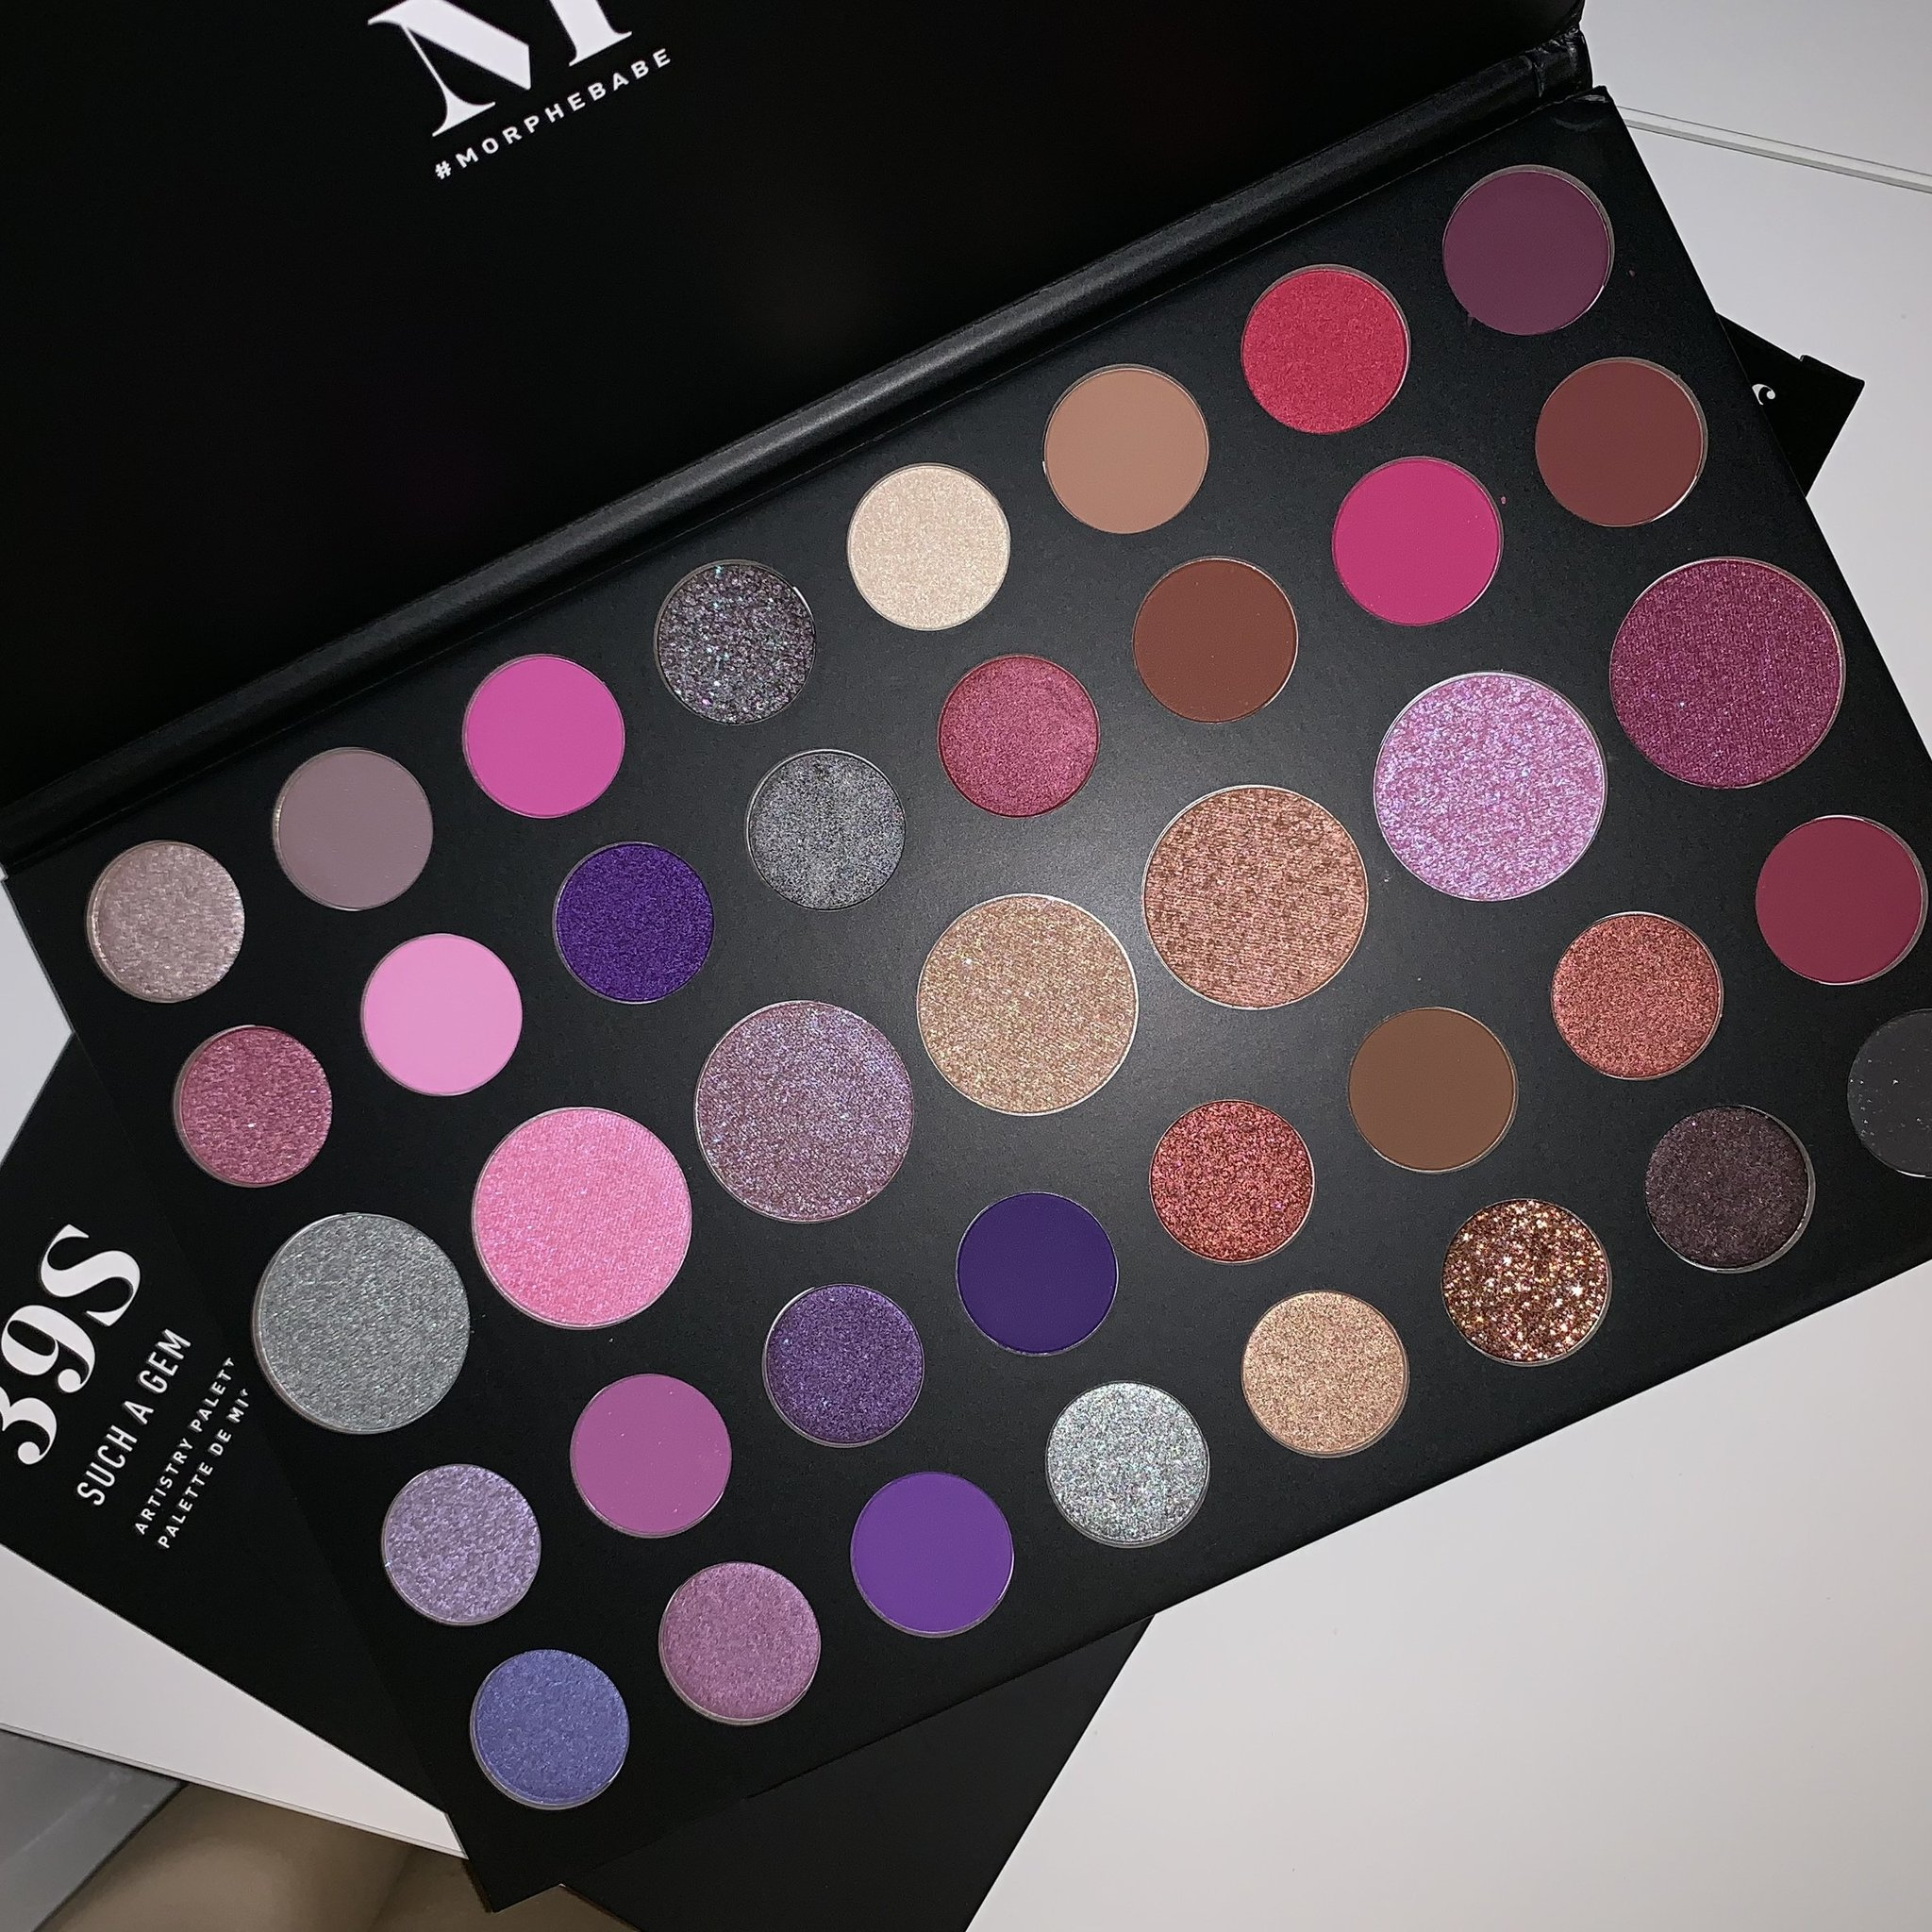 Morphe 39S palette